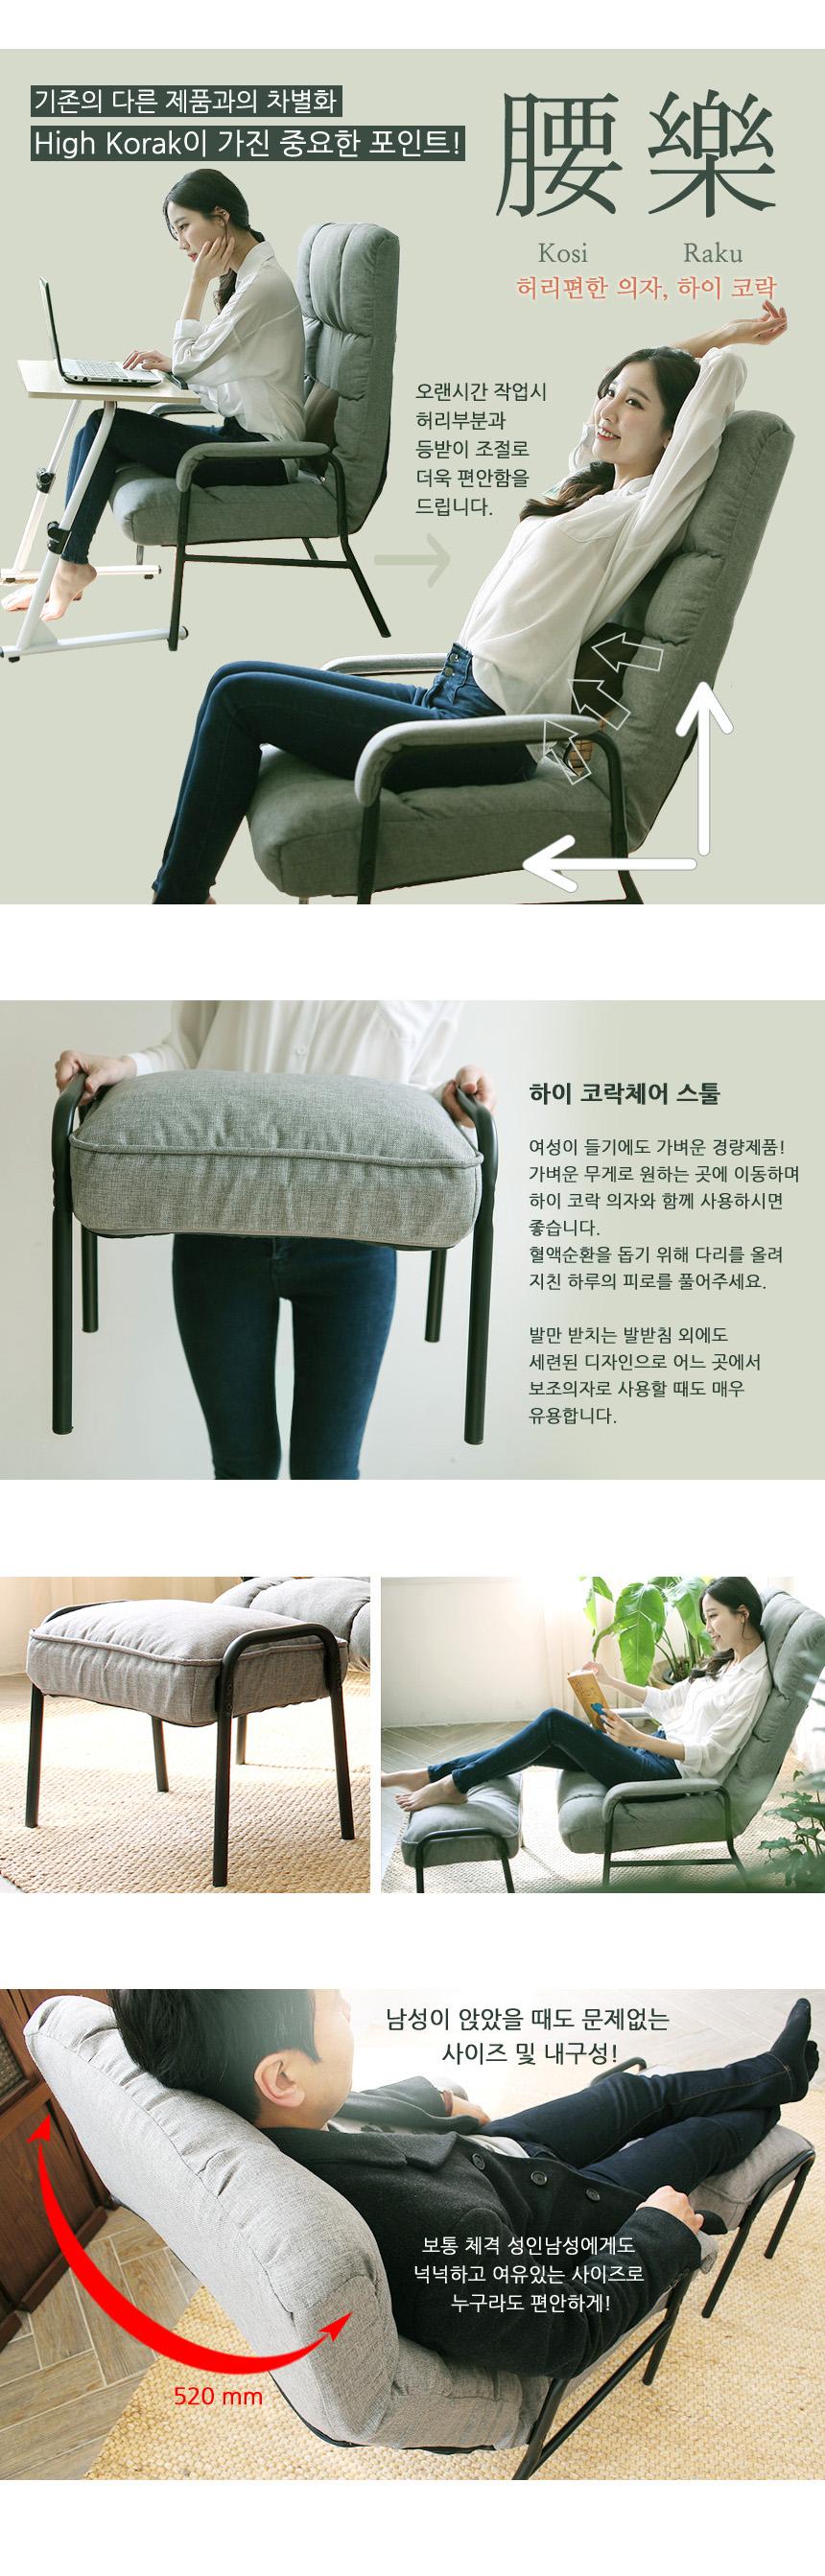 하이코락 허리편한 리클라이너 1인용쇼파 set - 히다마리, 198,000원, 리클라이너소파, 1인용